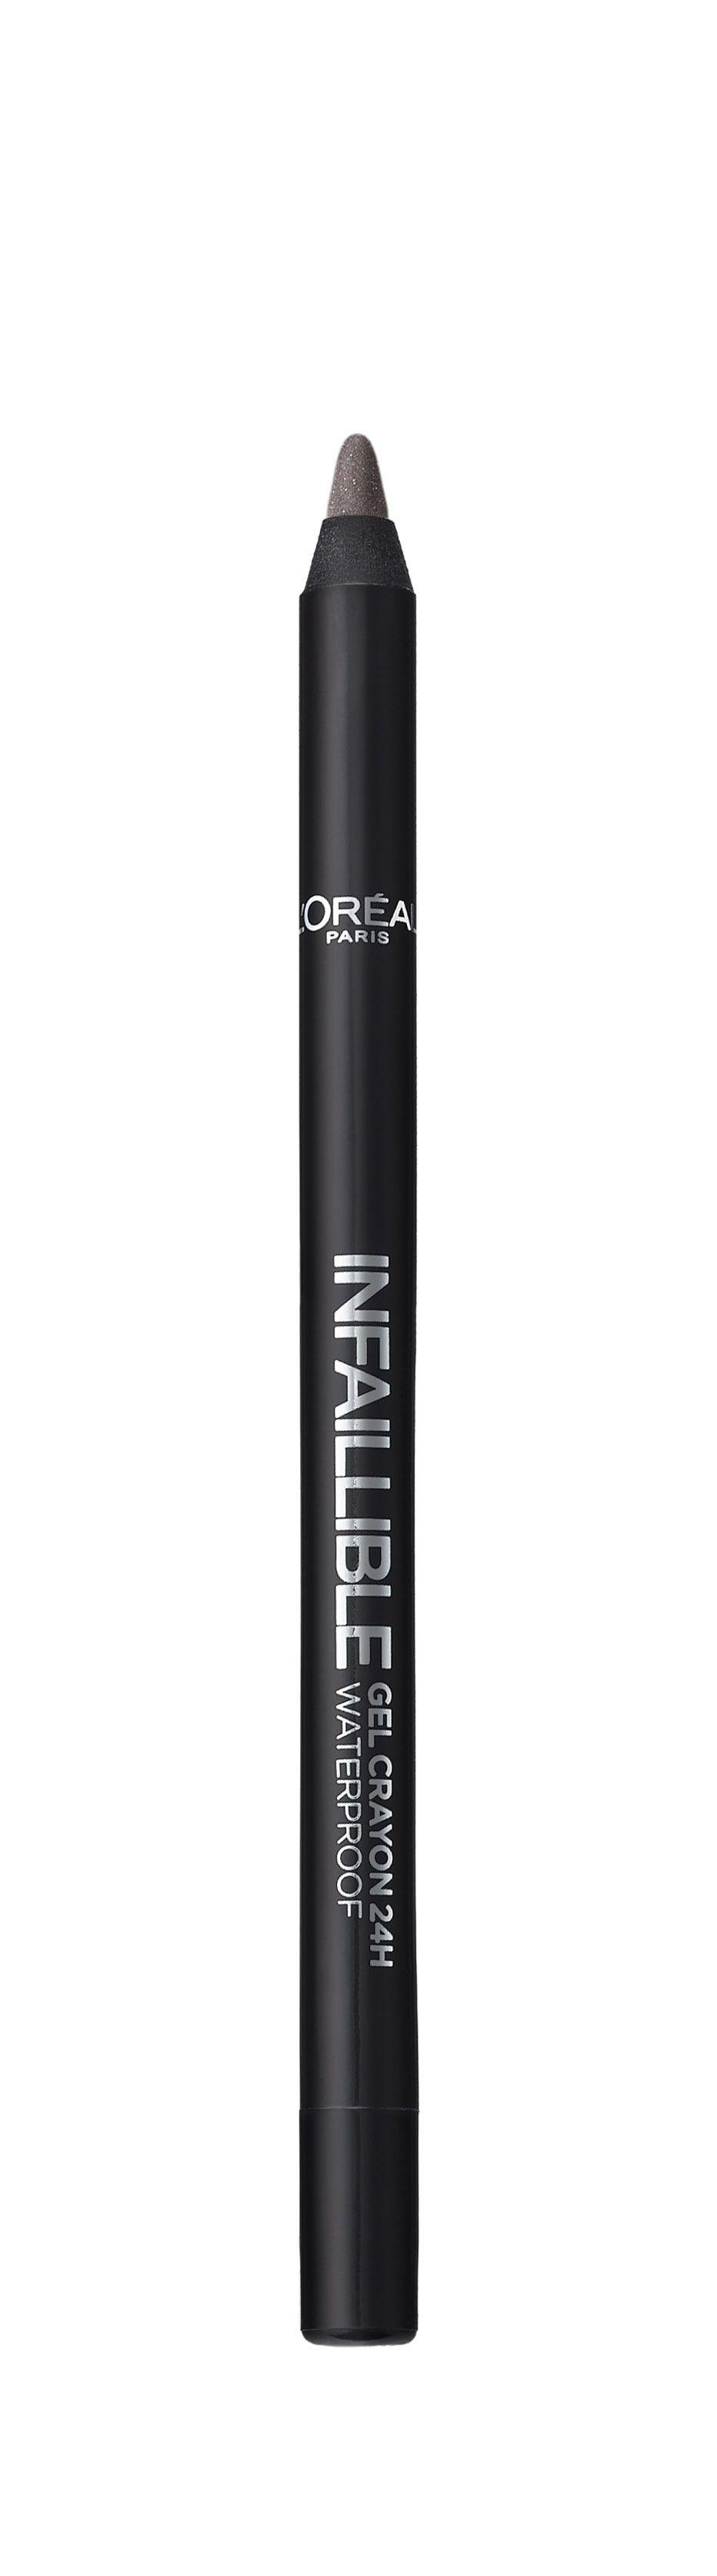 LOreal Paris Стойкий гелевый карандаш для глаз Infaillible, Оттенок 4, На серой высотеA8995100Насыщенные пигменты и гелевая основа карандаша способствуют точному нанесению и устойчивому водостойкому результату на 24 часа. Множество оттенков – от базовых до самых ярких – для разнообразных вариантов макияжа.